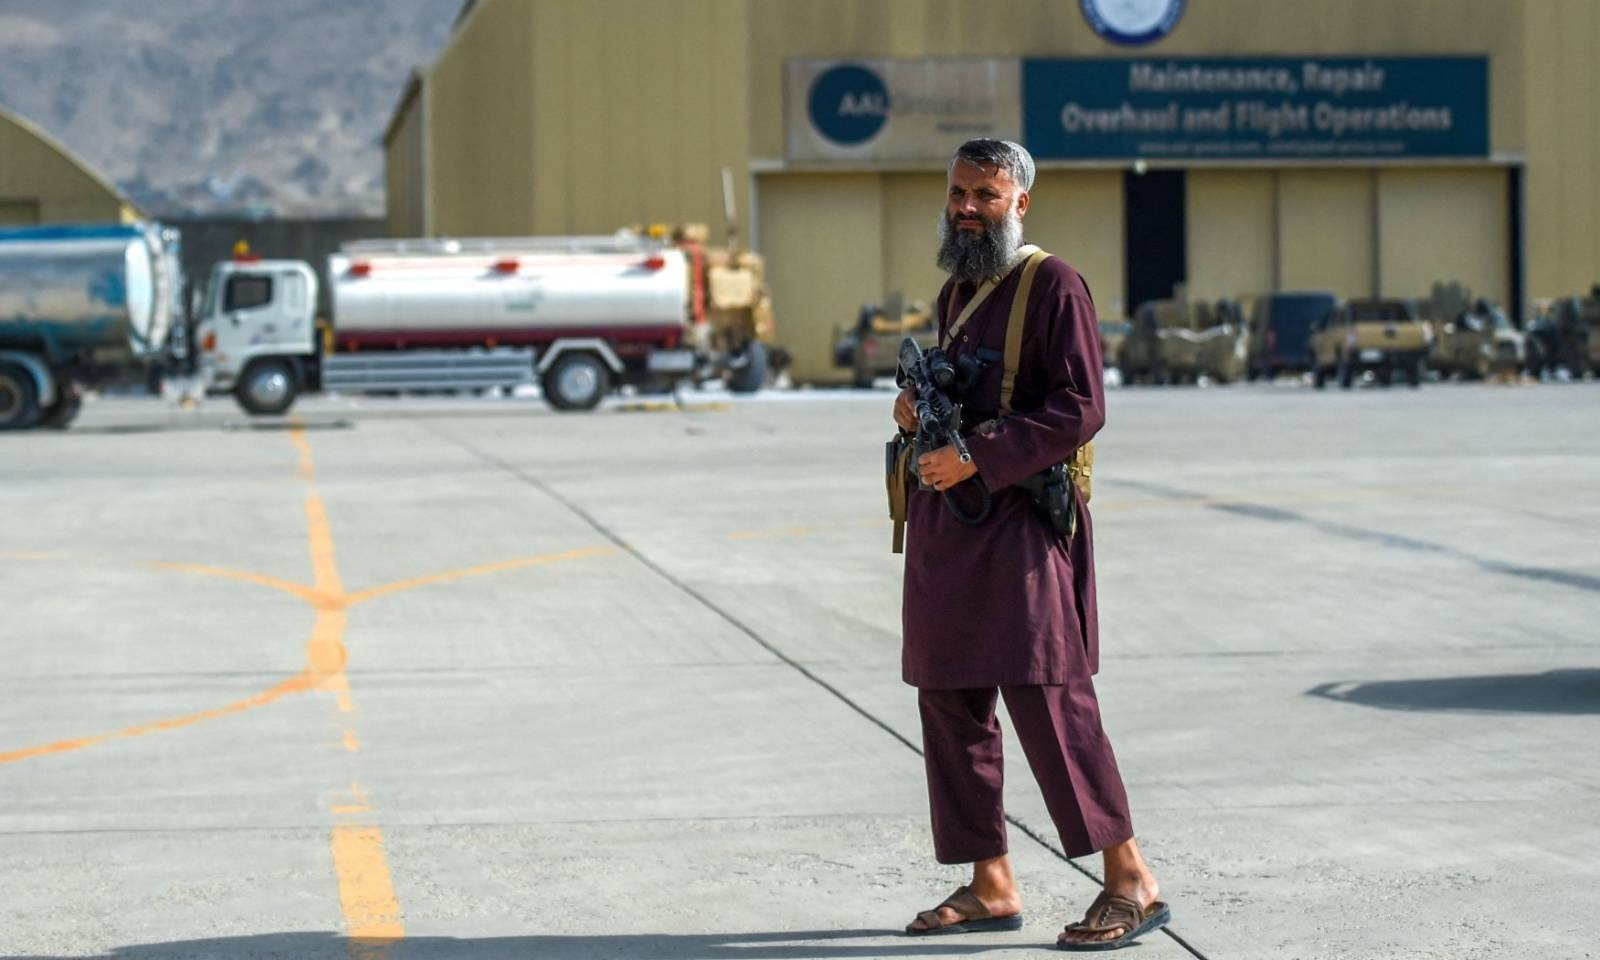 طالبان جنگجو کابل ایئرپورٹ پر پہرا دے رہا ہے — فوٹو: اے ایف پی